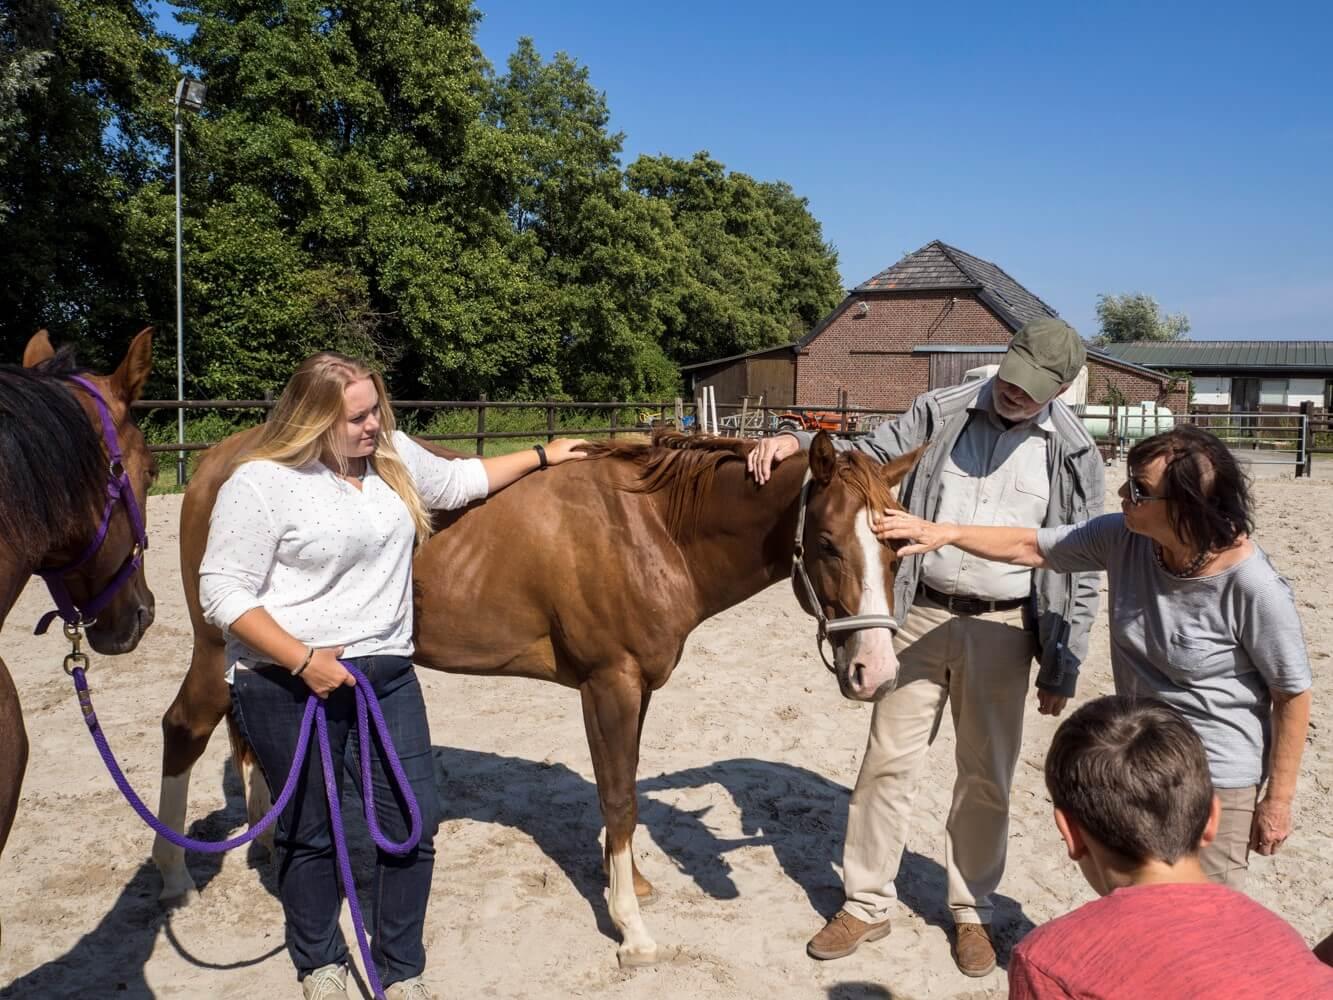 Vorteile des Pferdecoachings